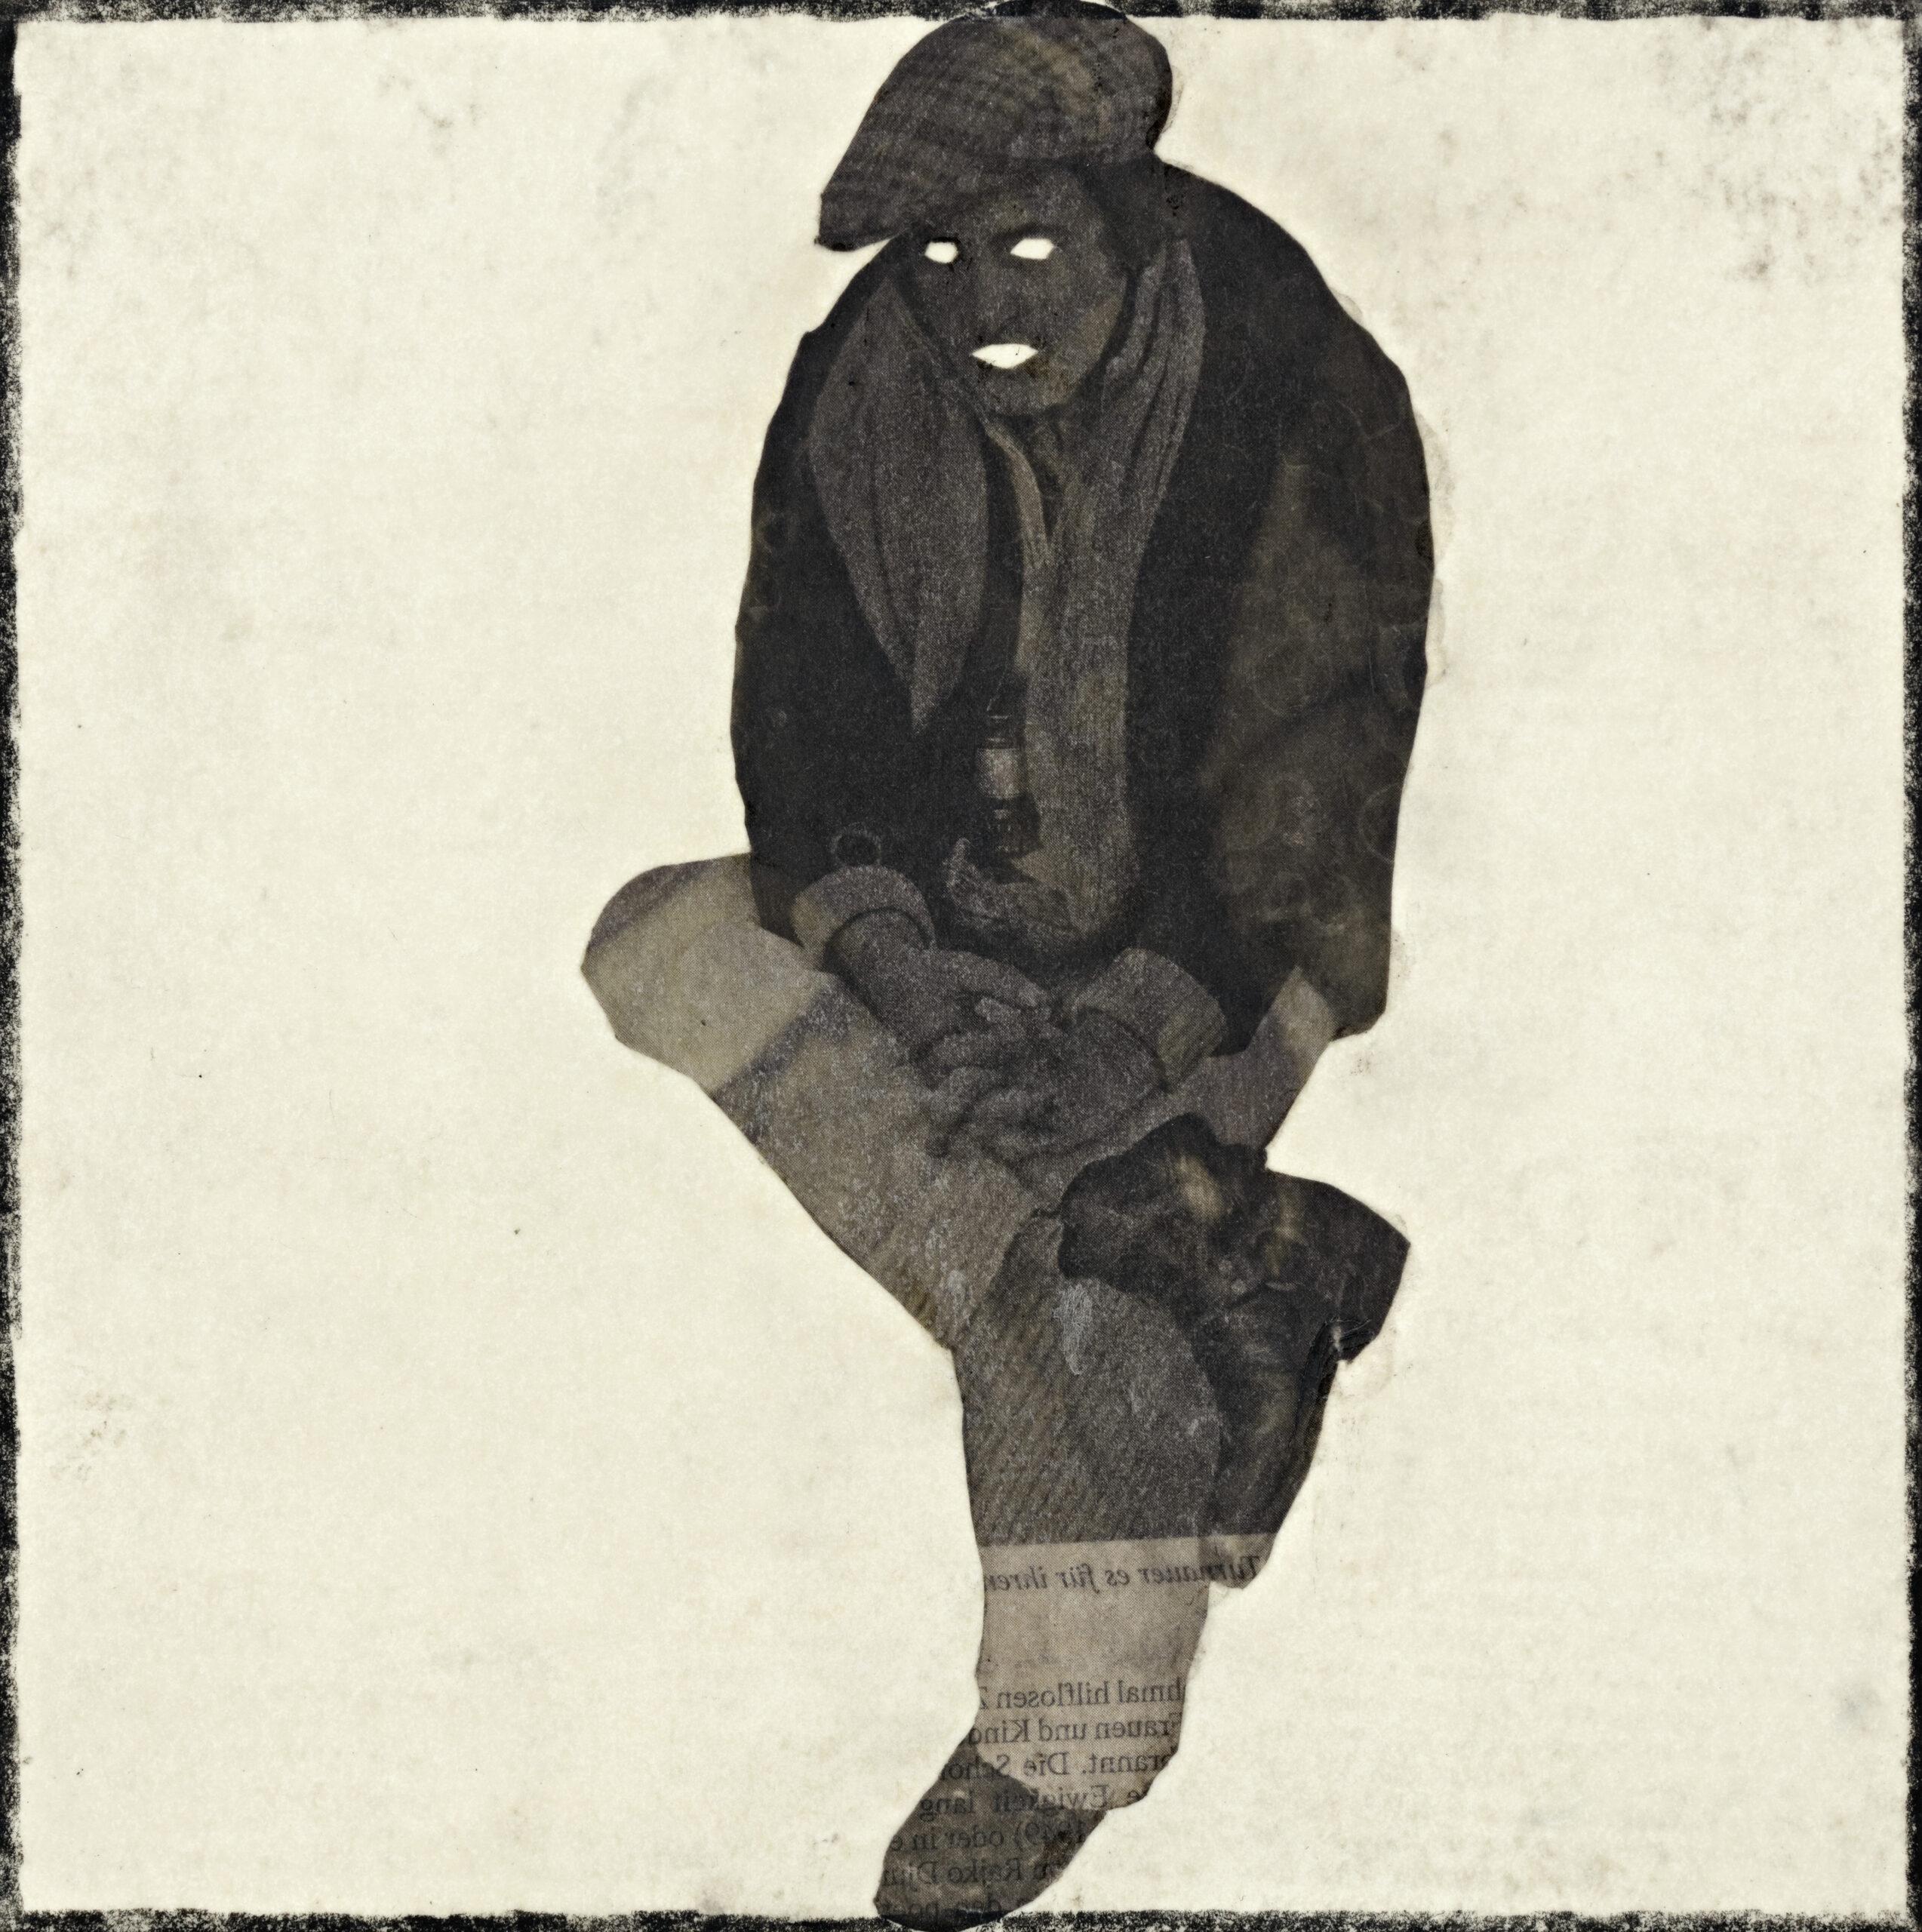 o.T., 27. Nov. 2018, Zeichnung auf Papier, 19,7x19,8 cm